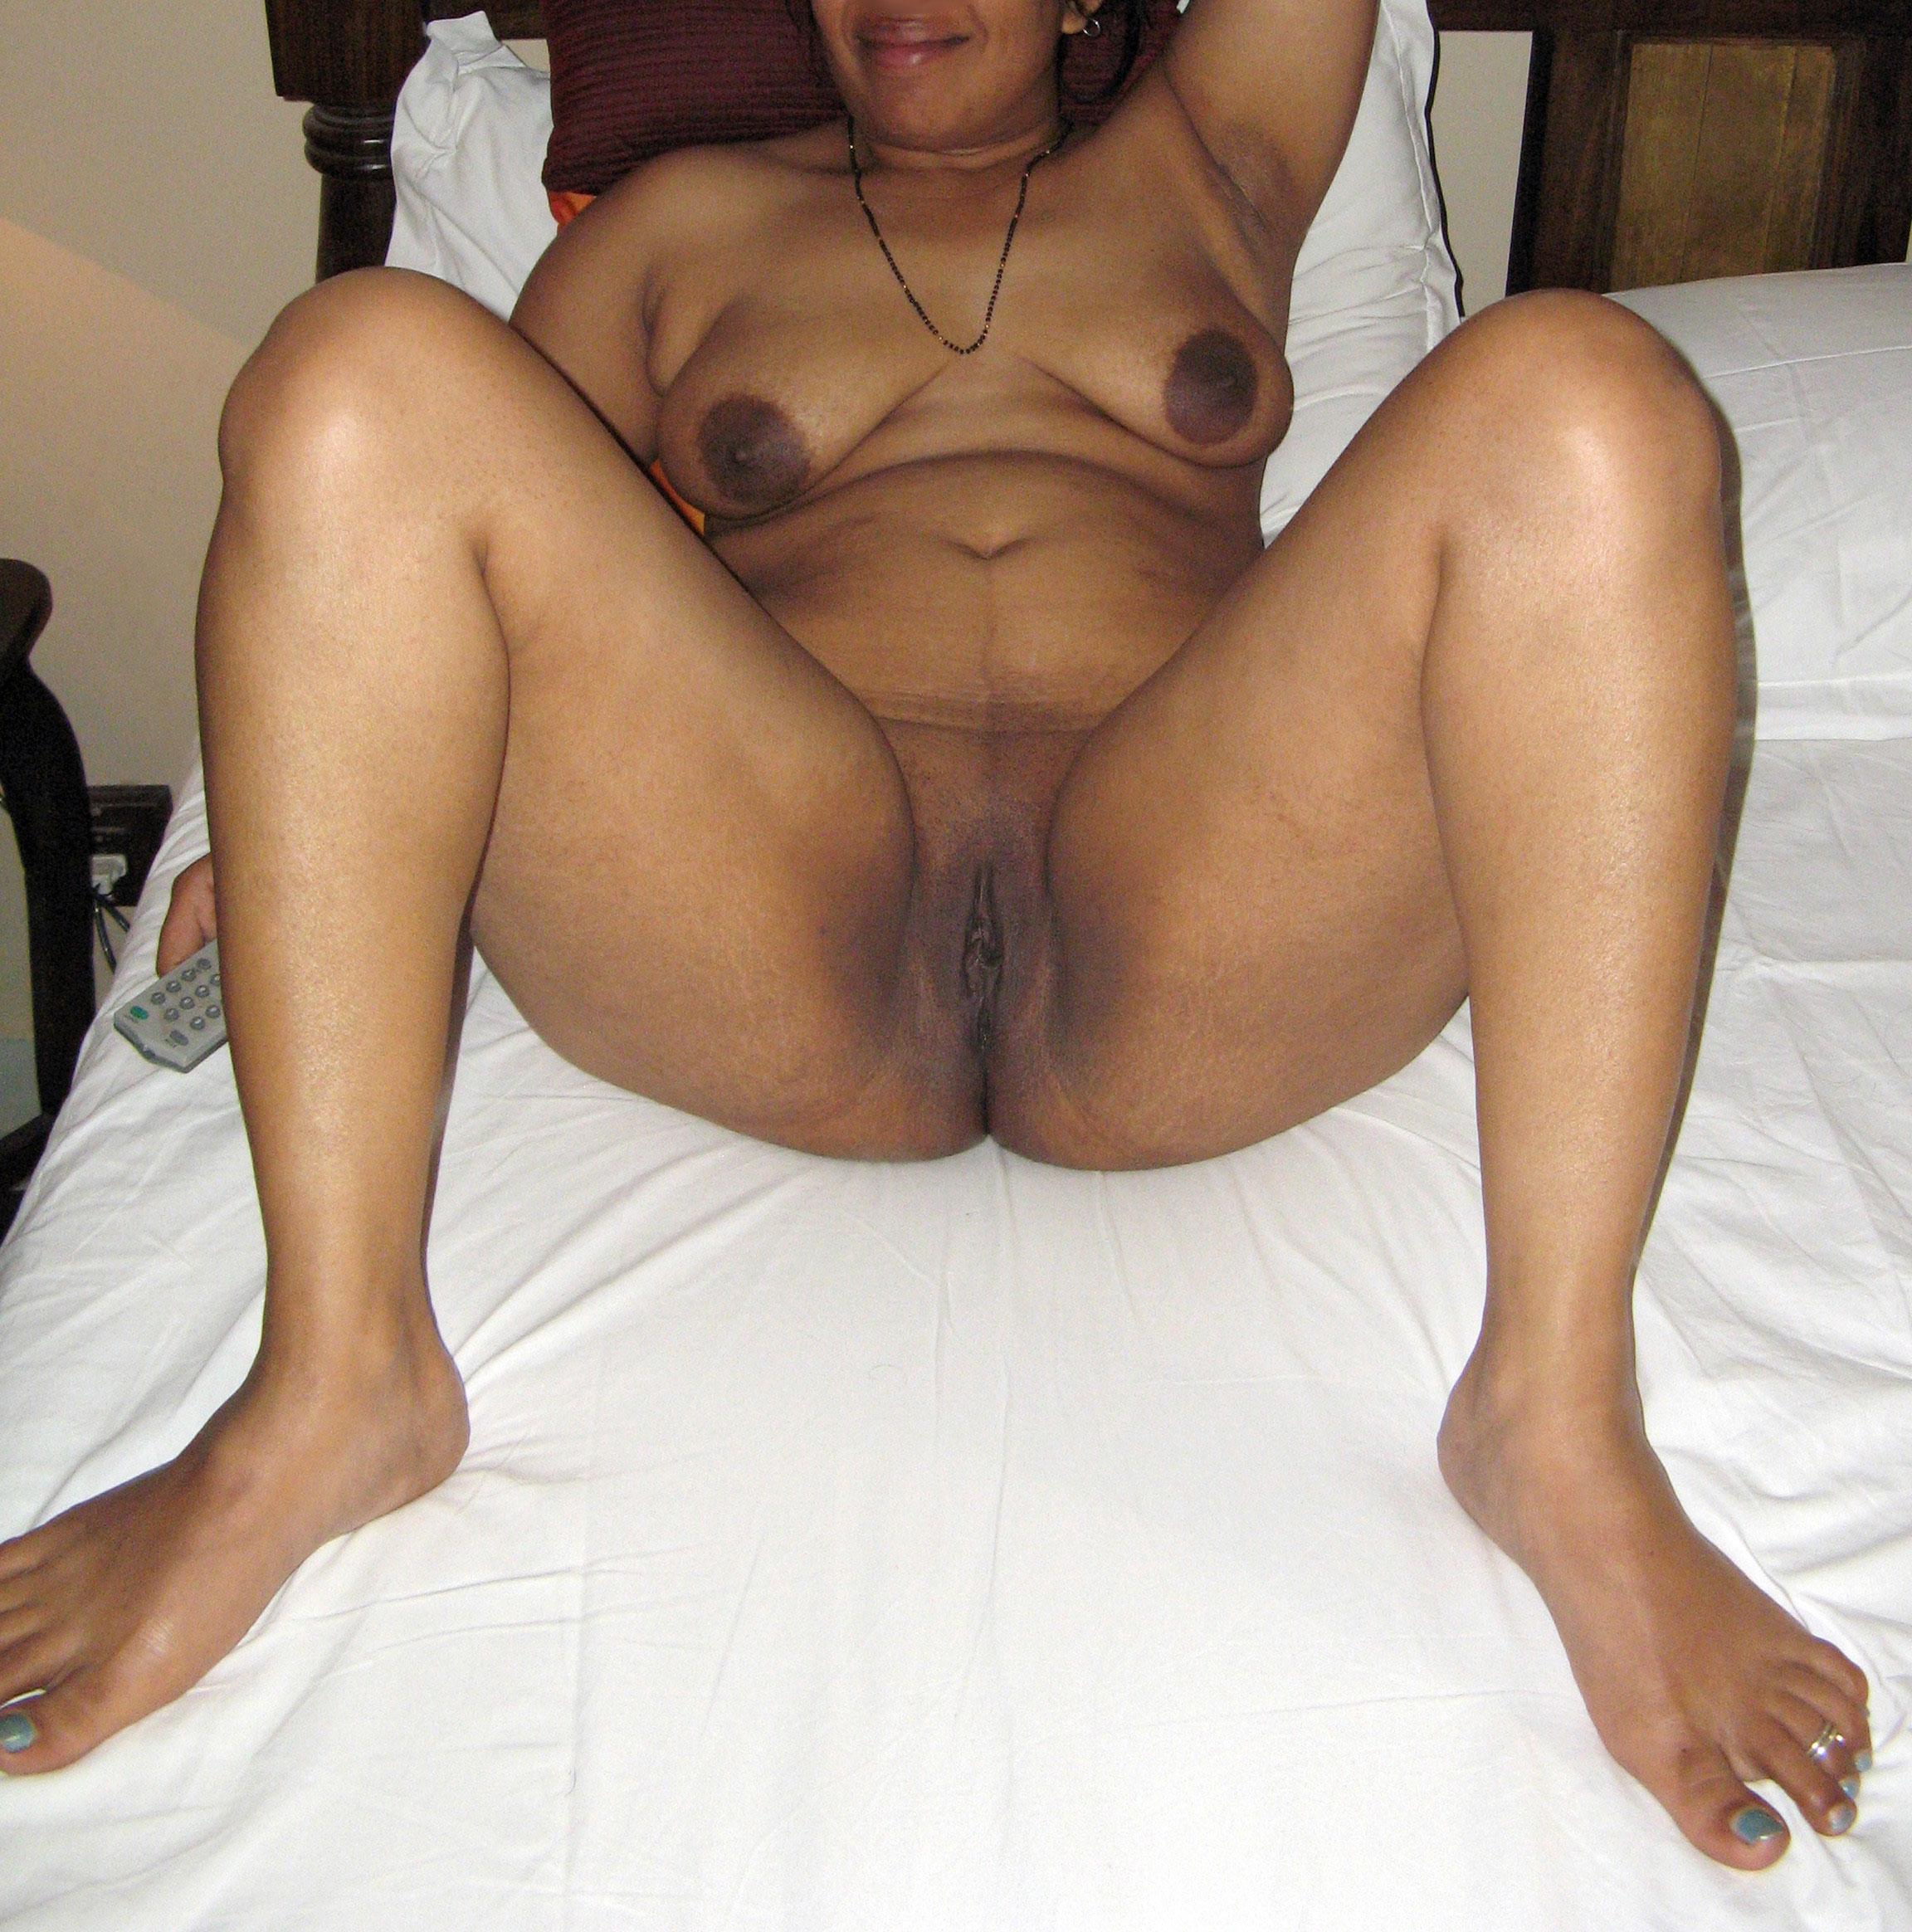 bangalore cute girls naked photos